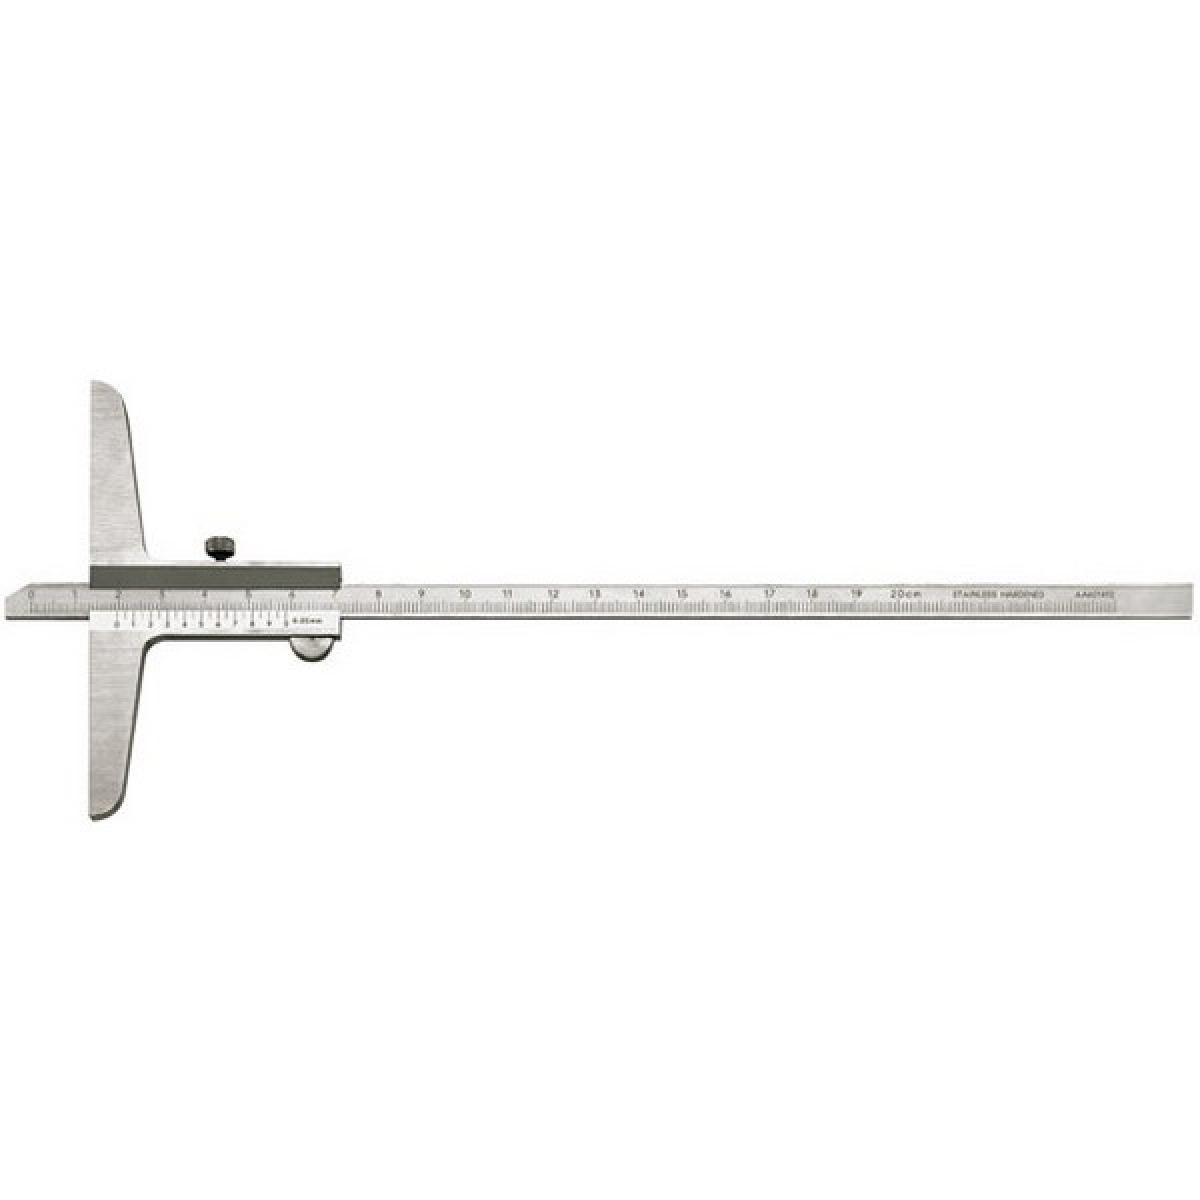 Forum Jauge de profondeur avec règle droite, Plage de mesure : 300 mm, Modèle à vis de blocage, Long. de l'embase 150 mm